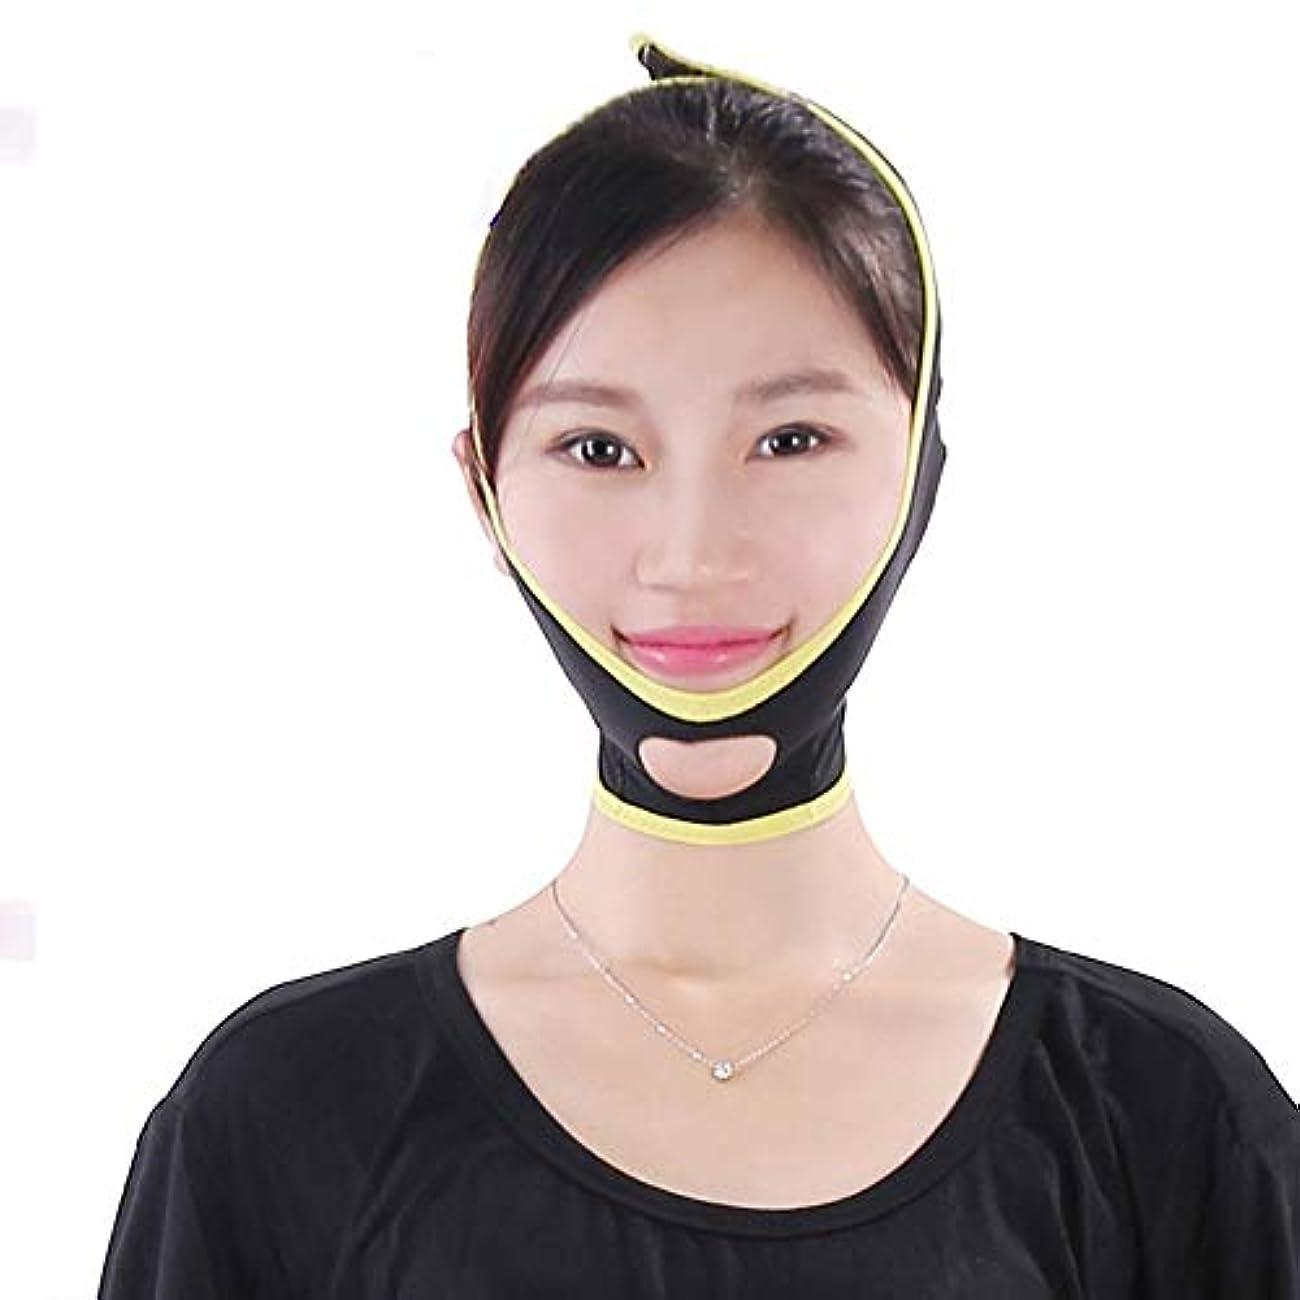 カラス余分な郵便局Vフェイスマスク、フェイスリフティングアーティファクト、美容マスク、顔のしわ防止、減量、二重あご